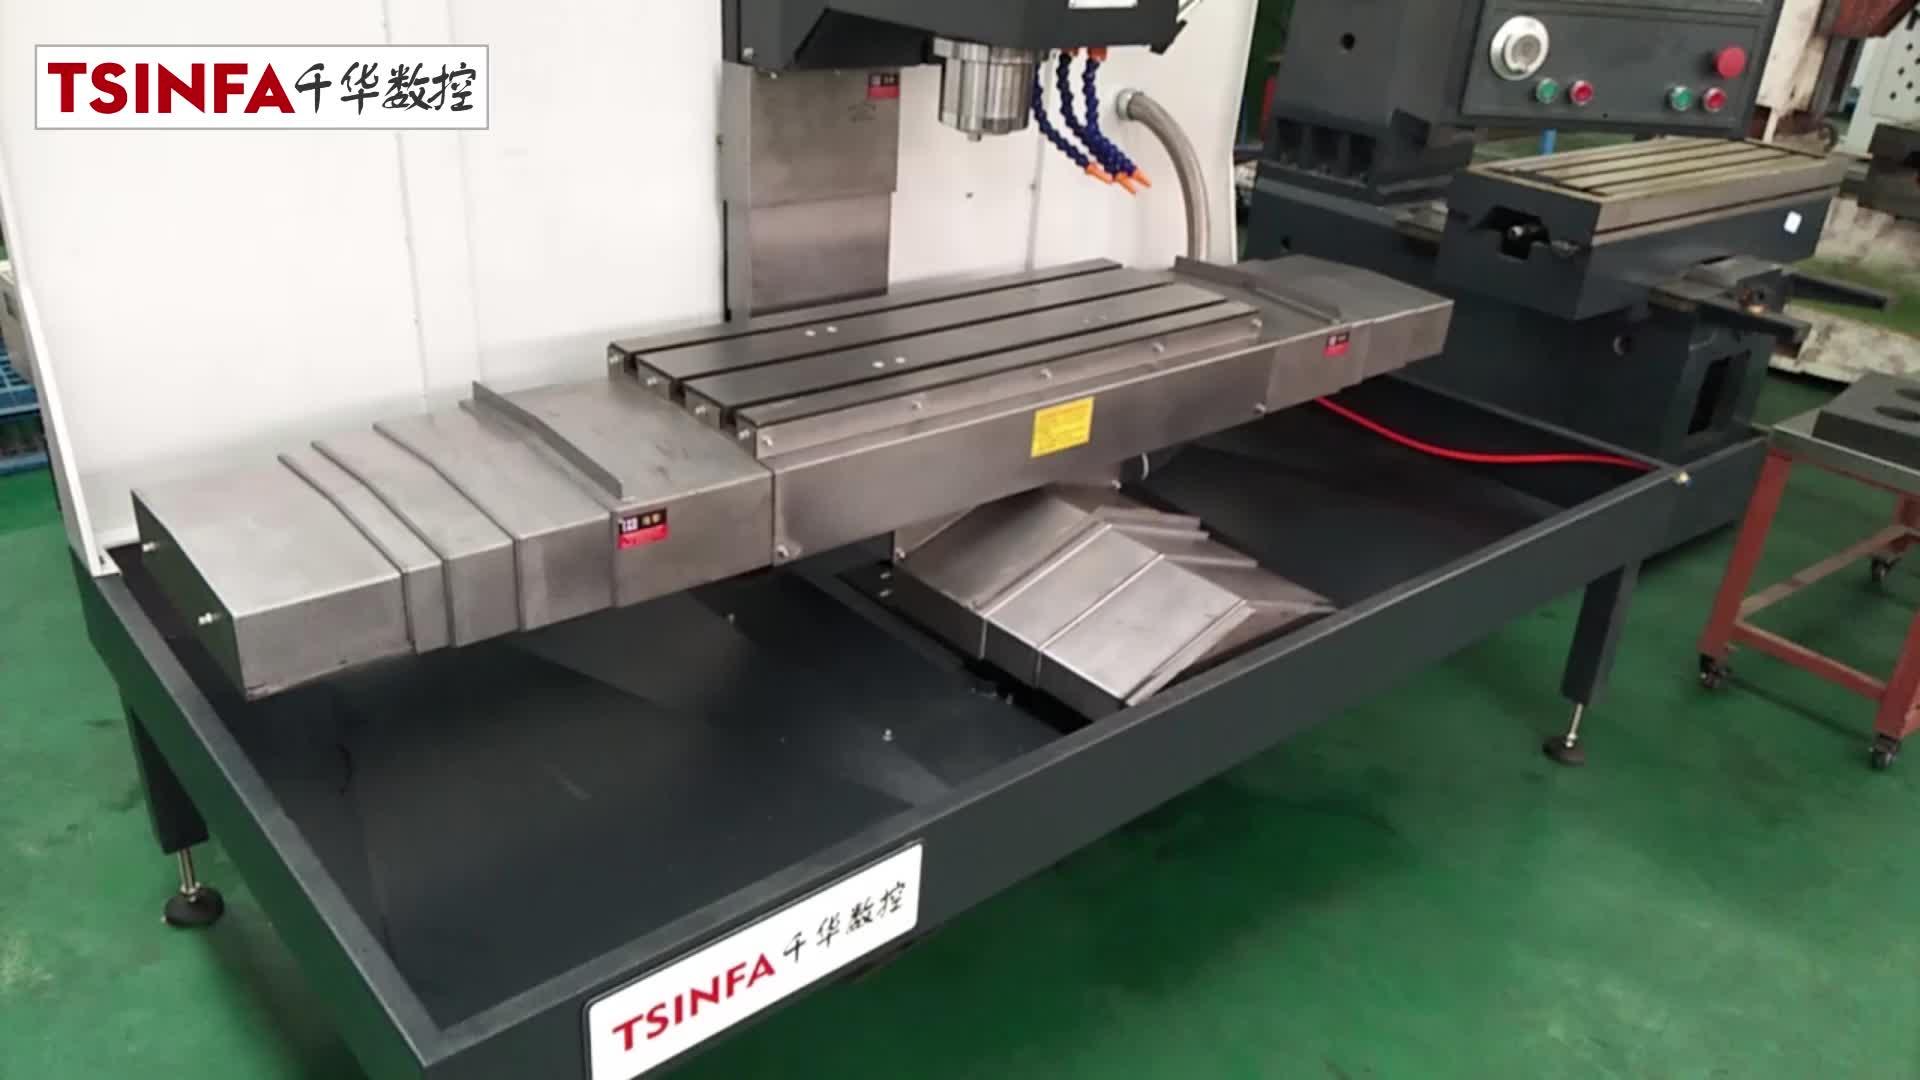 XK7126 shandong cnc freze makinesi VMC TVK726 masa boyutu 800x300 isteğe bağlı üç lineer kızak yüksek yapılandırma ünlü marka